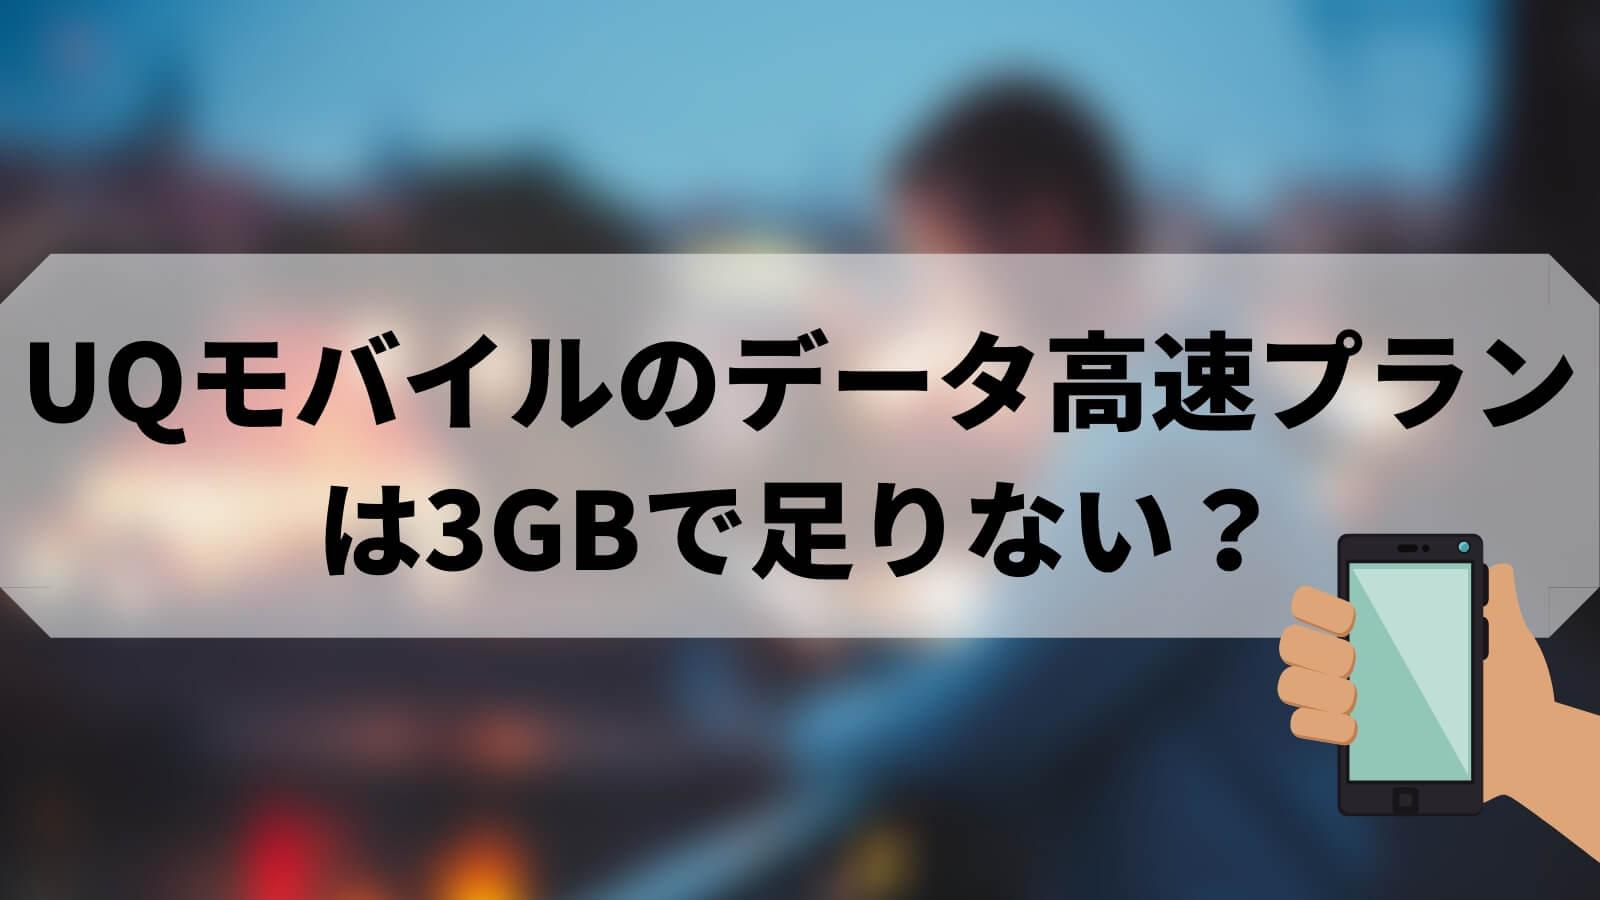 UQモバイルのデータ高速プランは3GBで足りない?対策とおすすめな人を解説